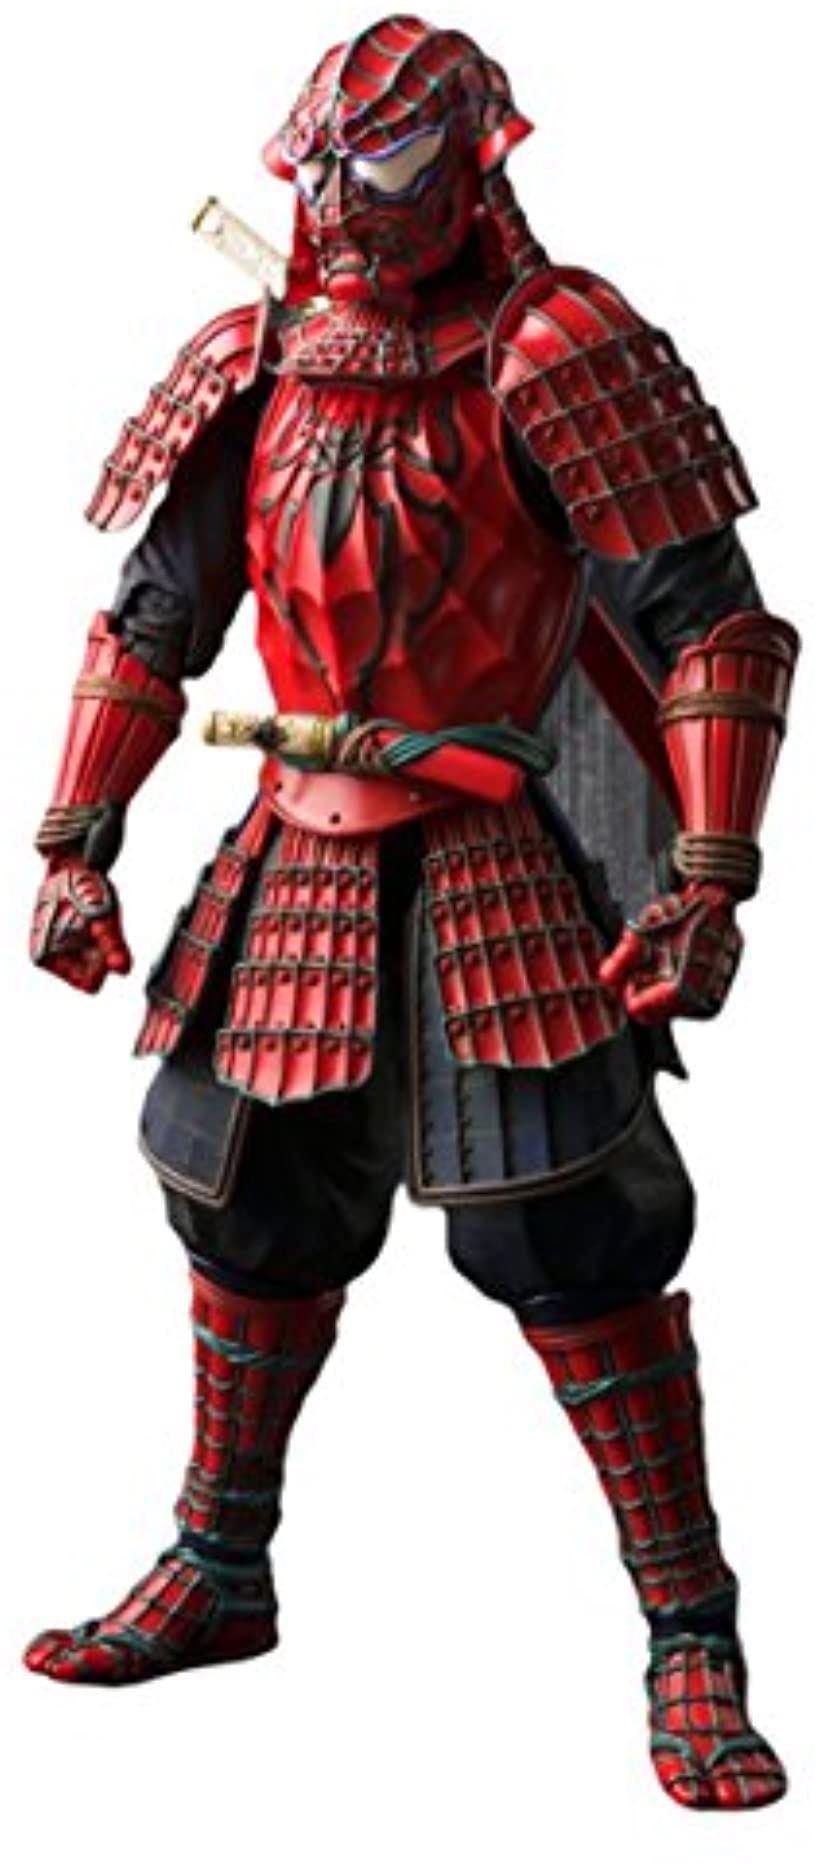 名将 MANGA REALIZATION スパイダーマン 侍スパイダーマン 約180mm PVC&ABS製 塗装済み可動フィギュア[BAN06234](全高:約180mm)